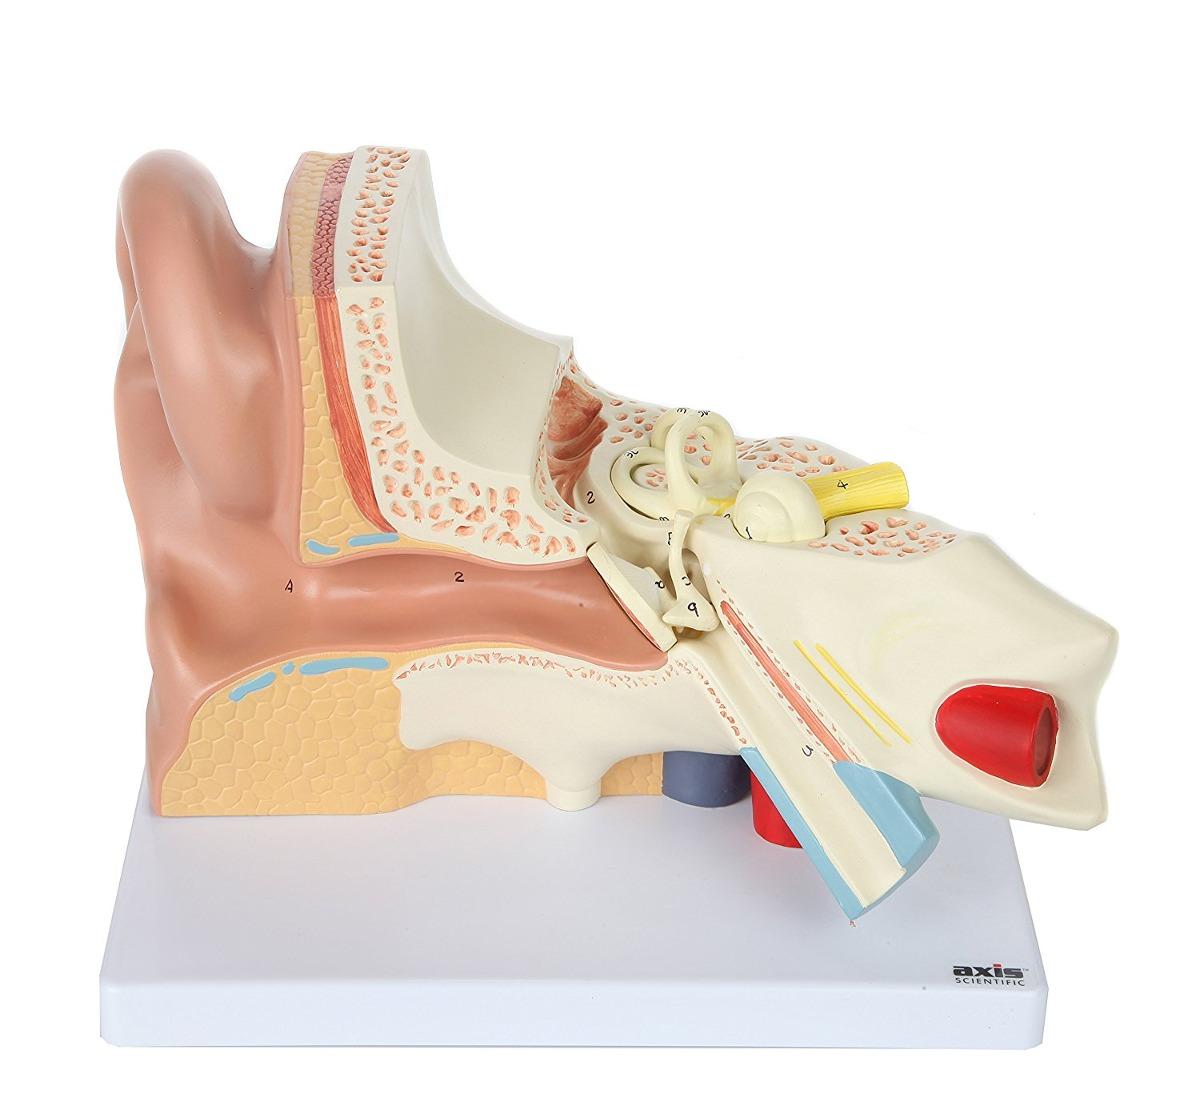 Axis Scientific Oído Humano Anatomía Modelo Con 3 piezas - $ 474.000 ...